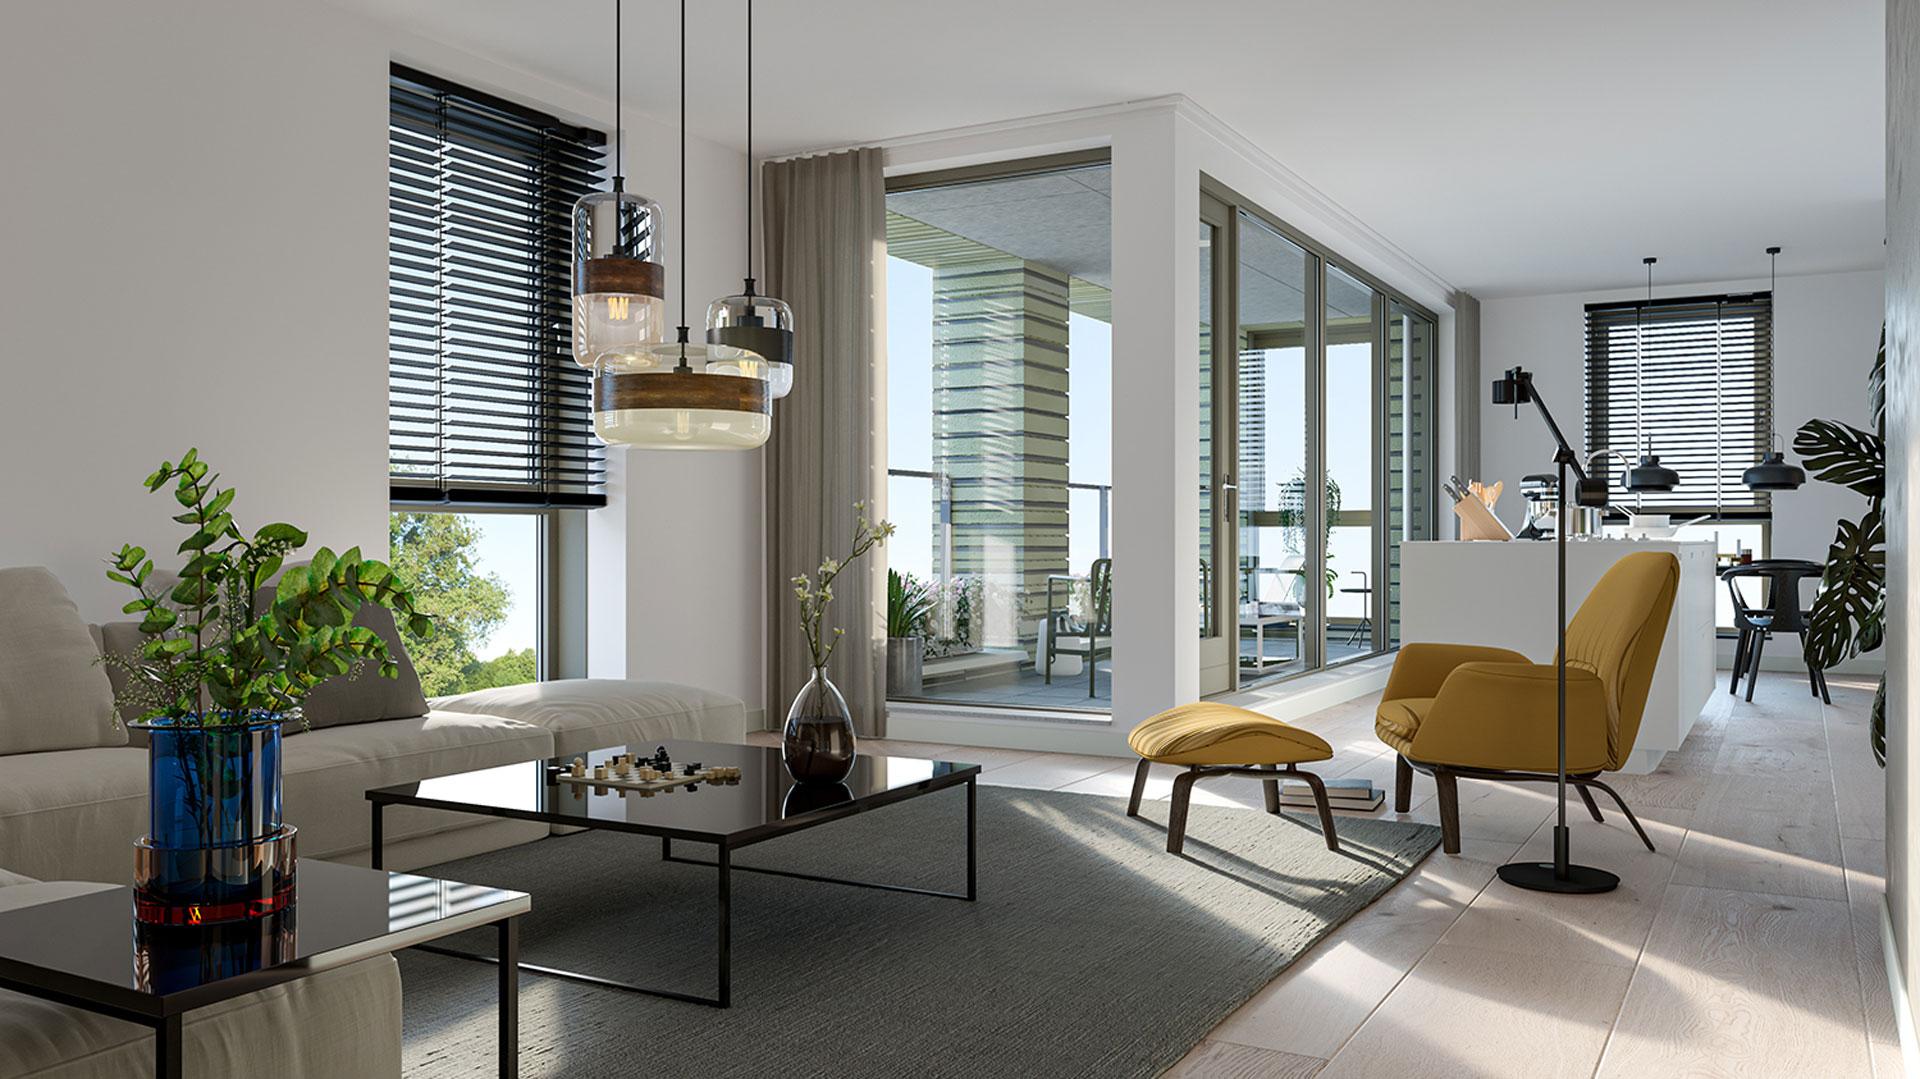 Appartementen - Koopwoningen Woerden - Nieuwbouwproject WITT